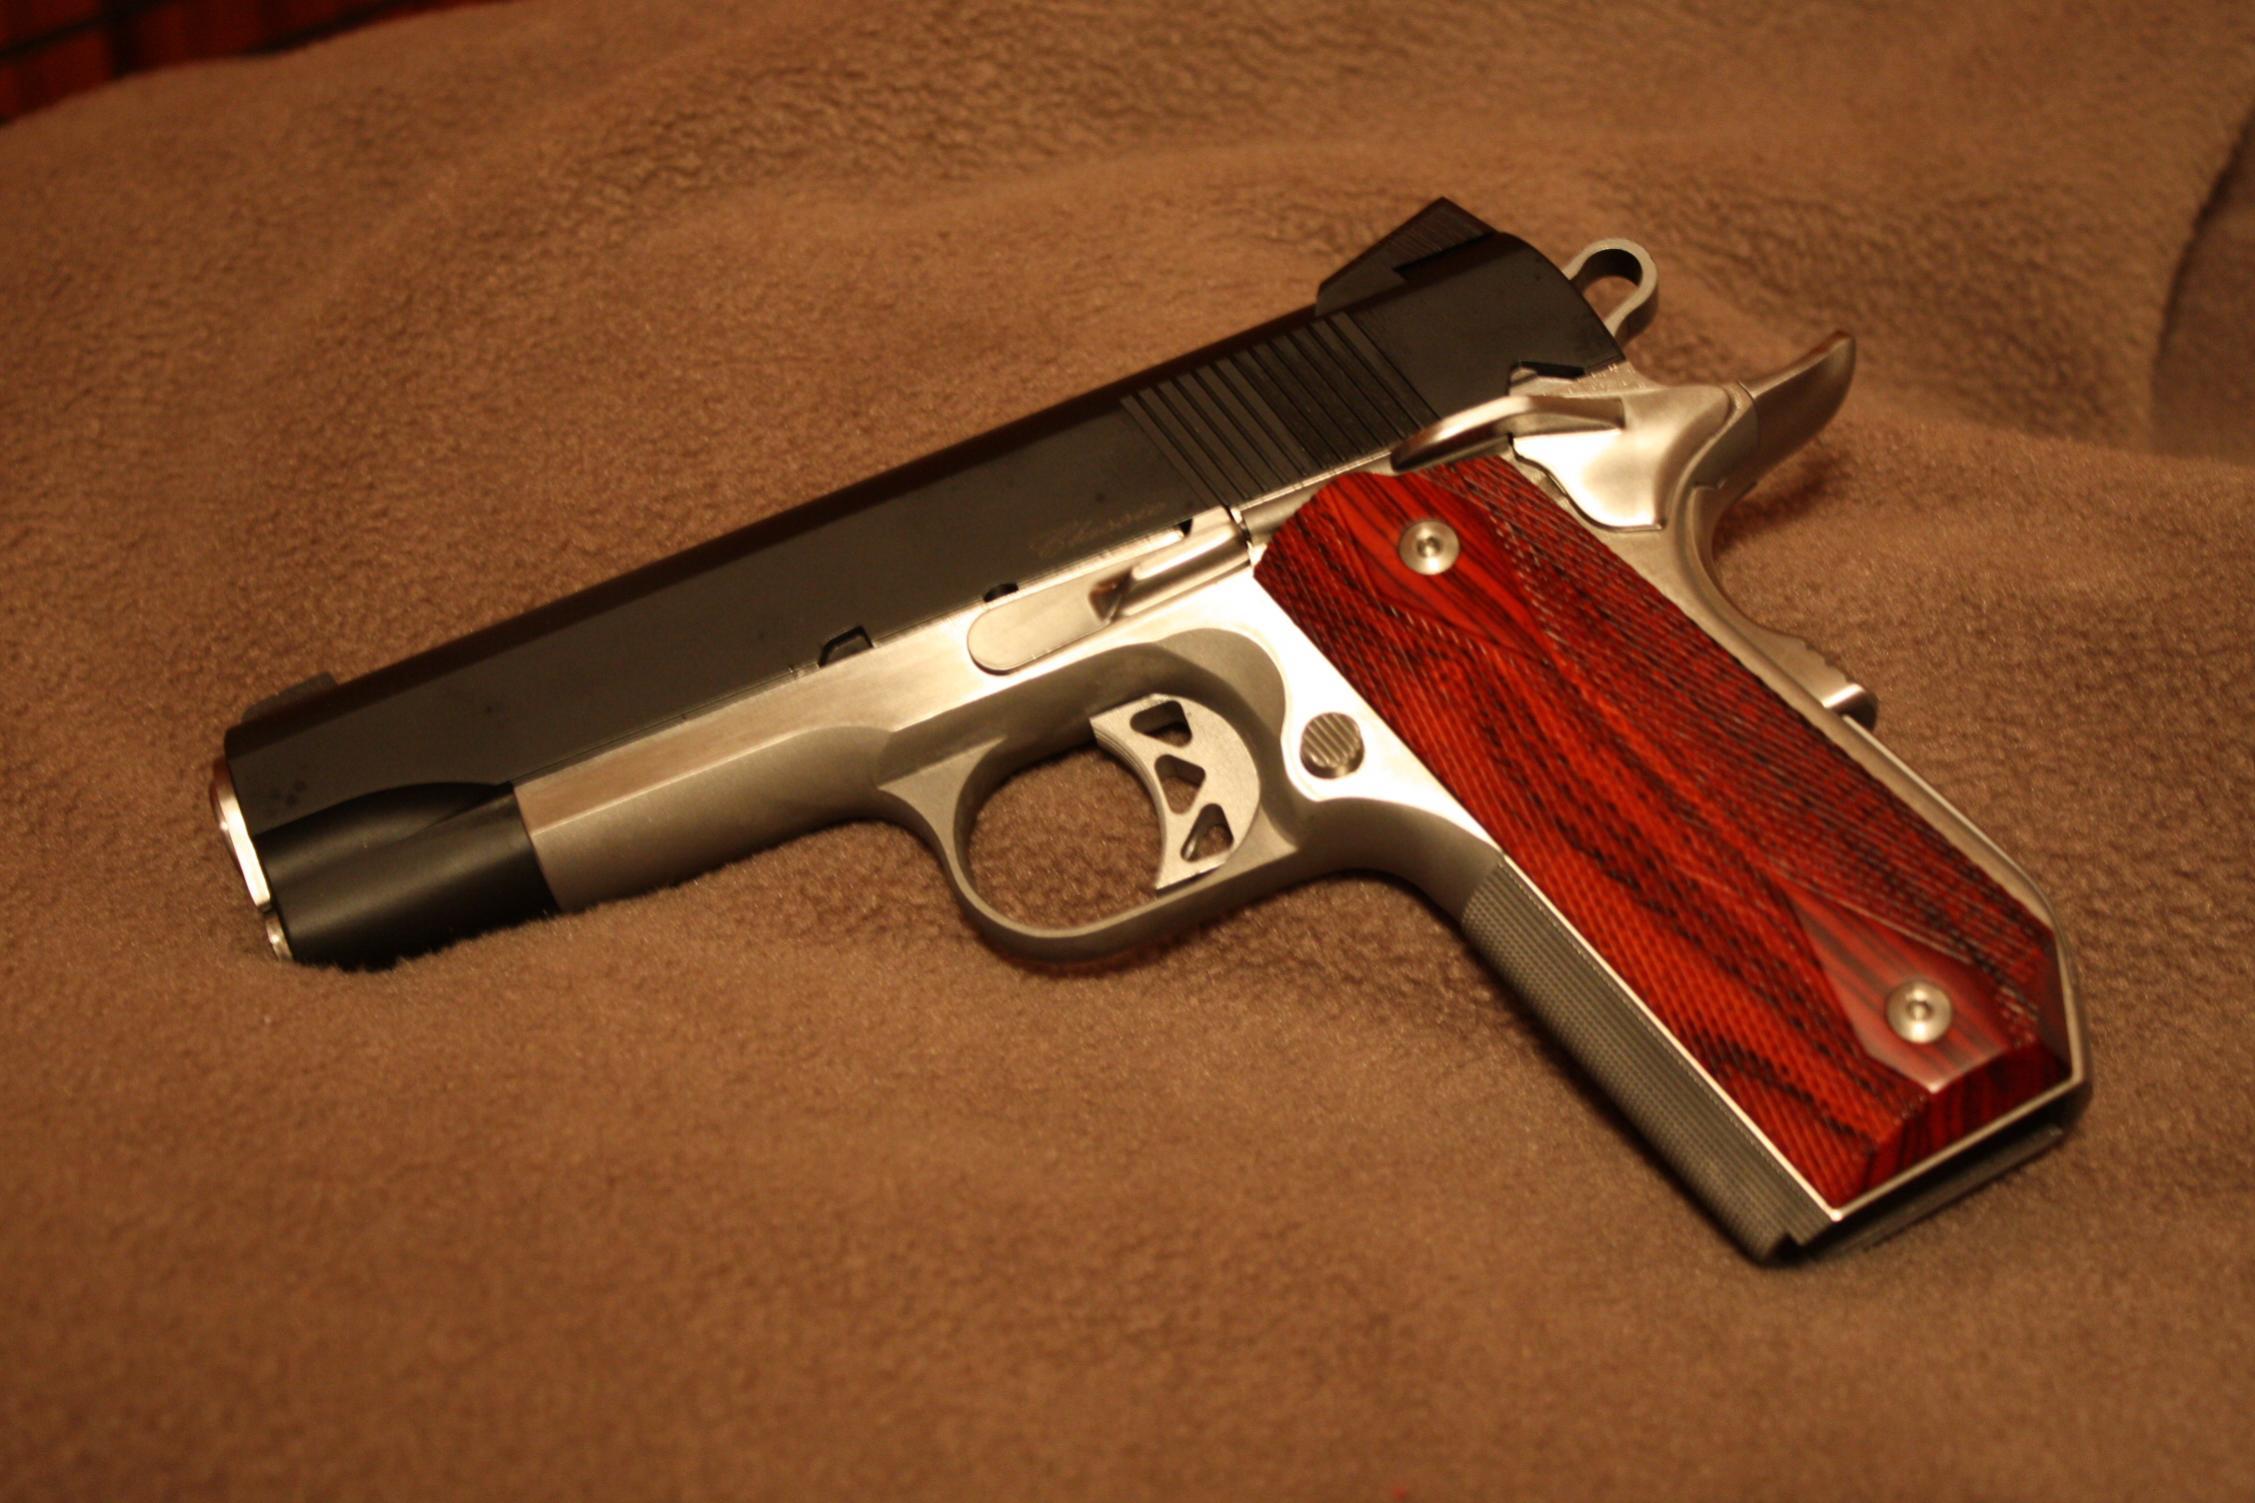 10mm Dan Wesson-img_1117.jpg